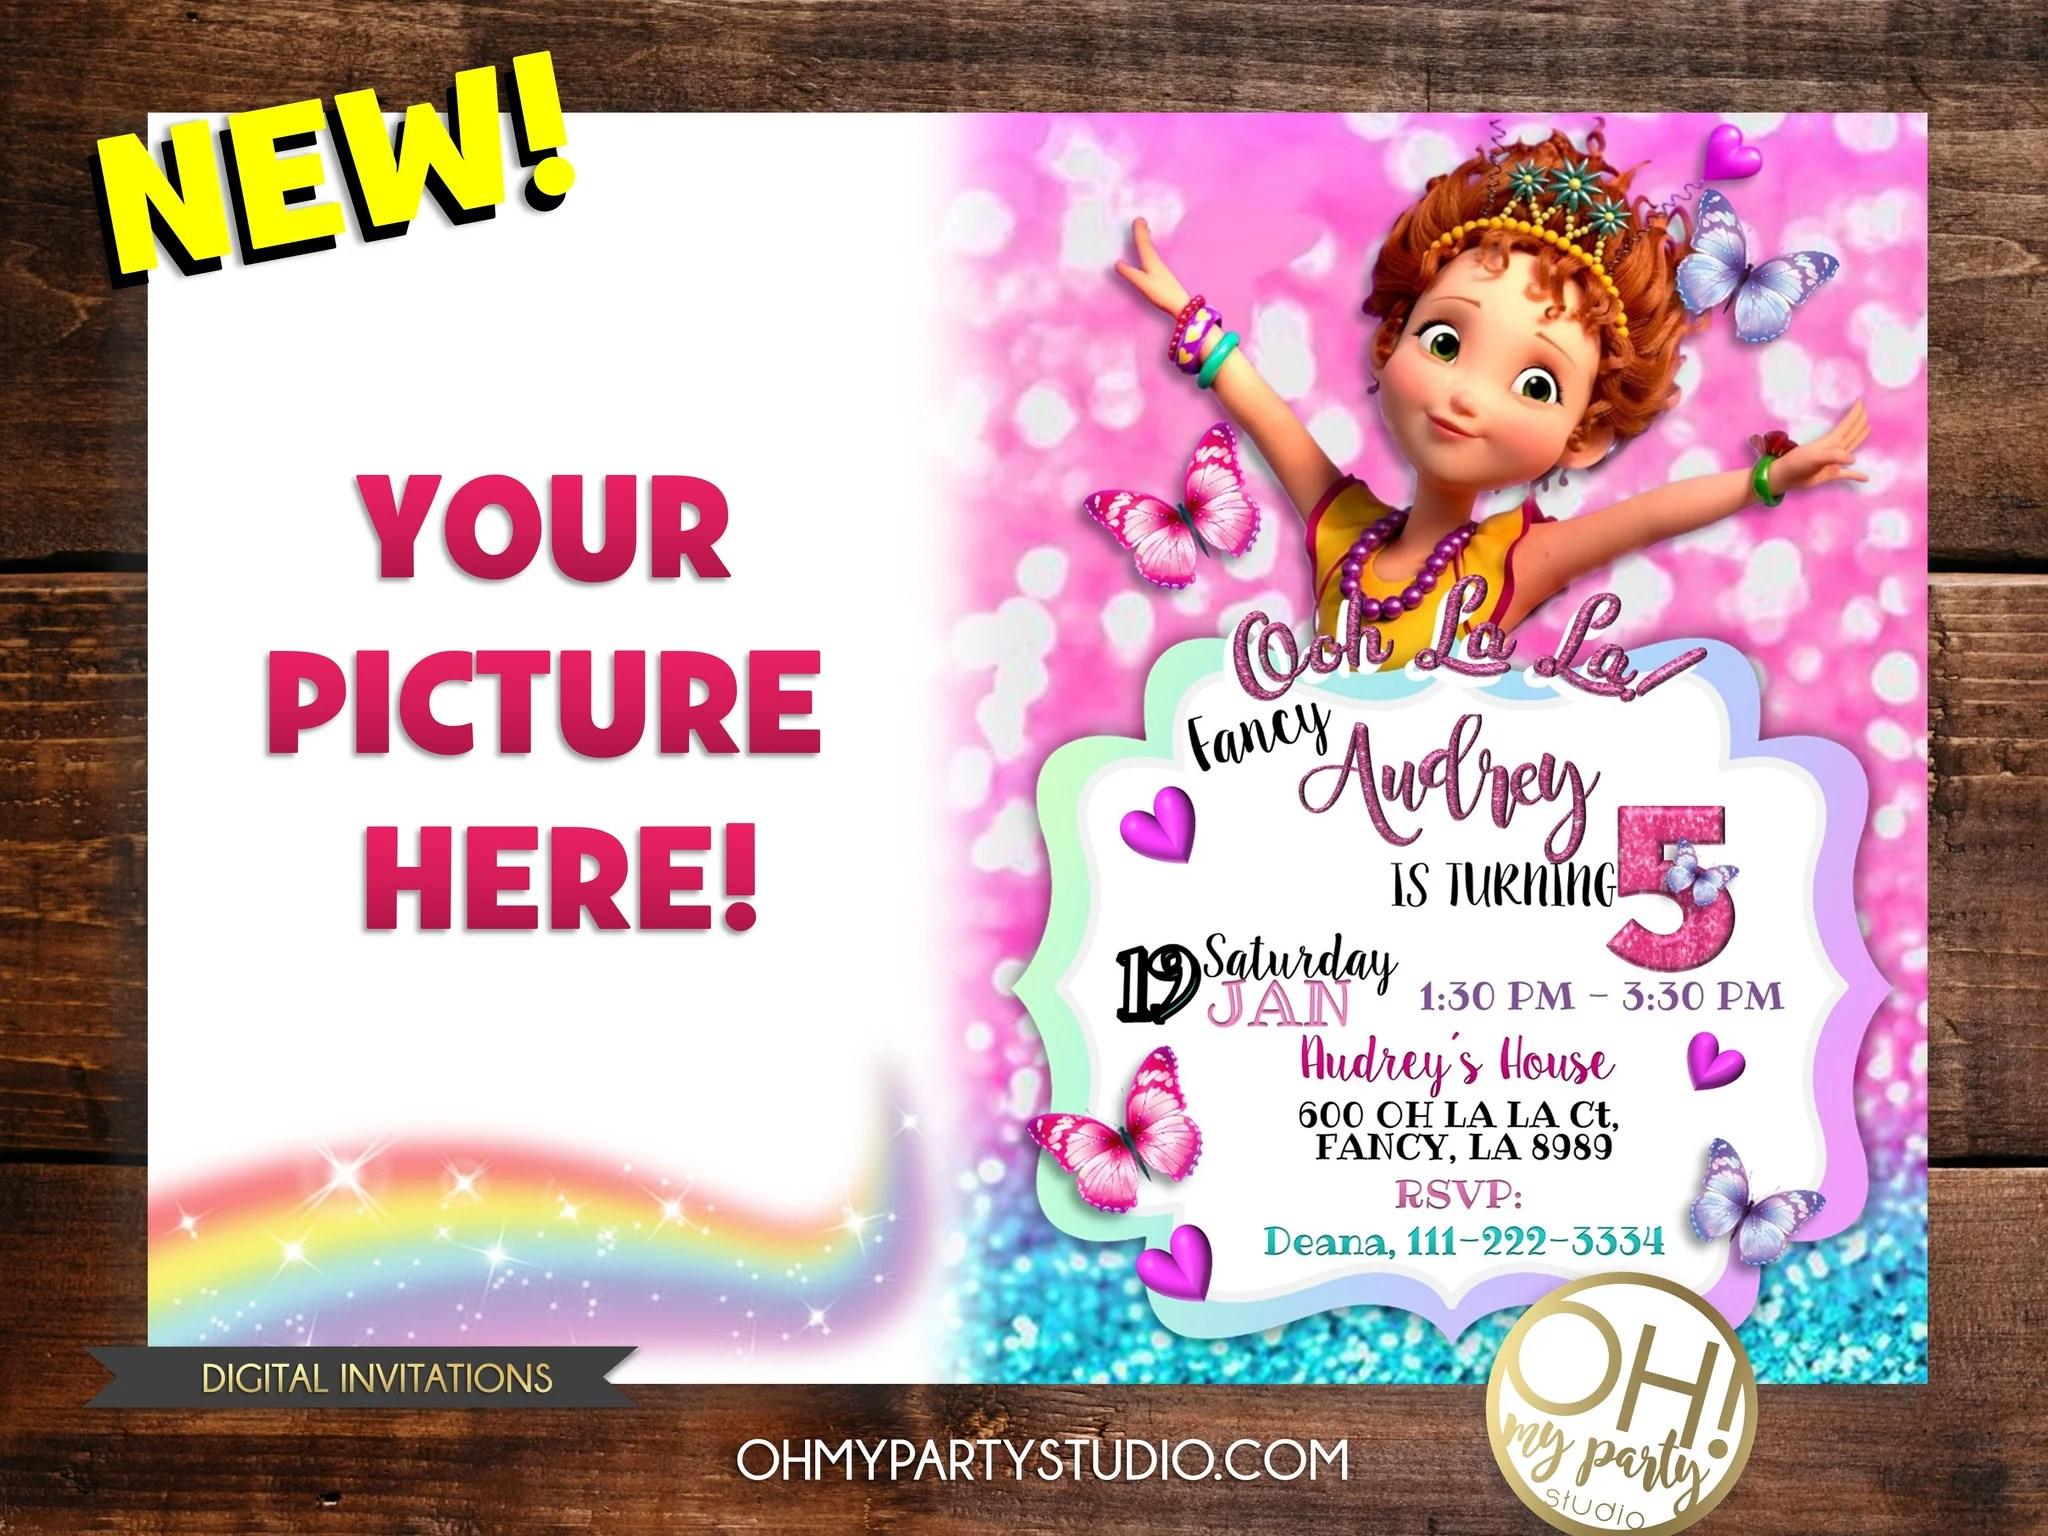 fancy nancy invitation fancy nancy invitations fancy nancy printables fancy nancy birthday party [ 2048 x 1536 Pixel ]